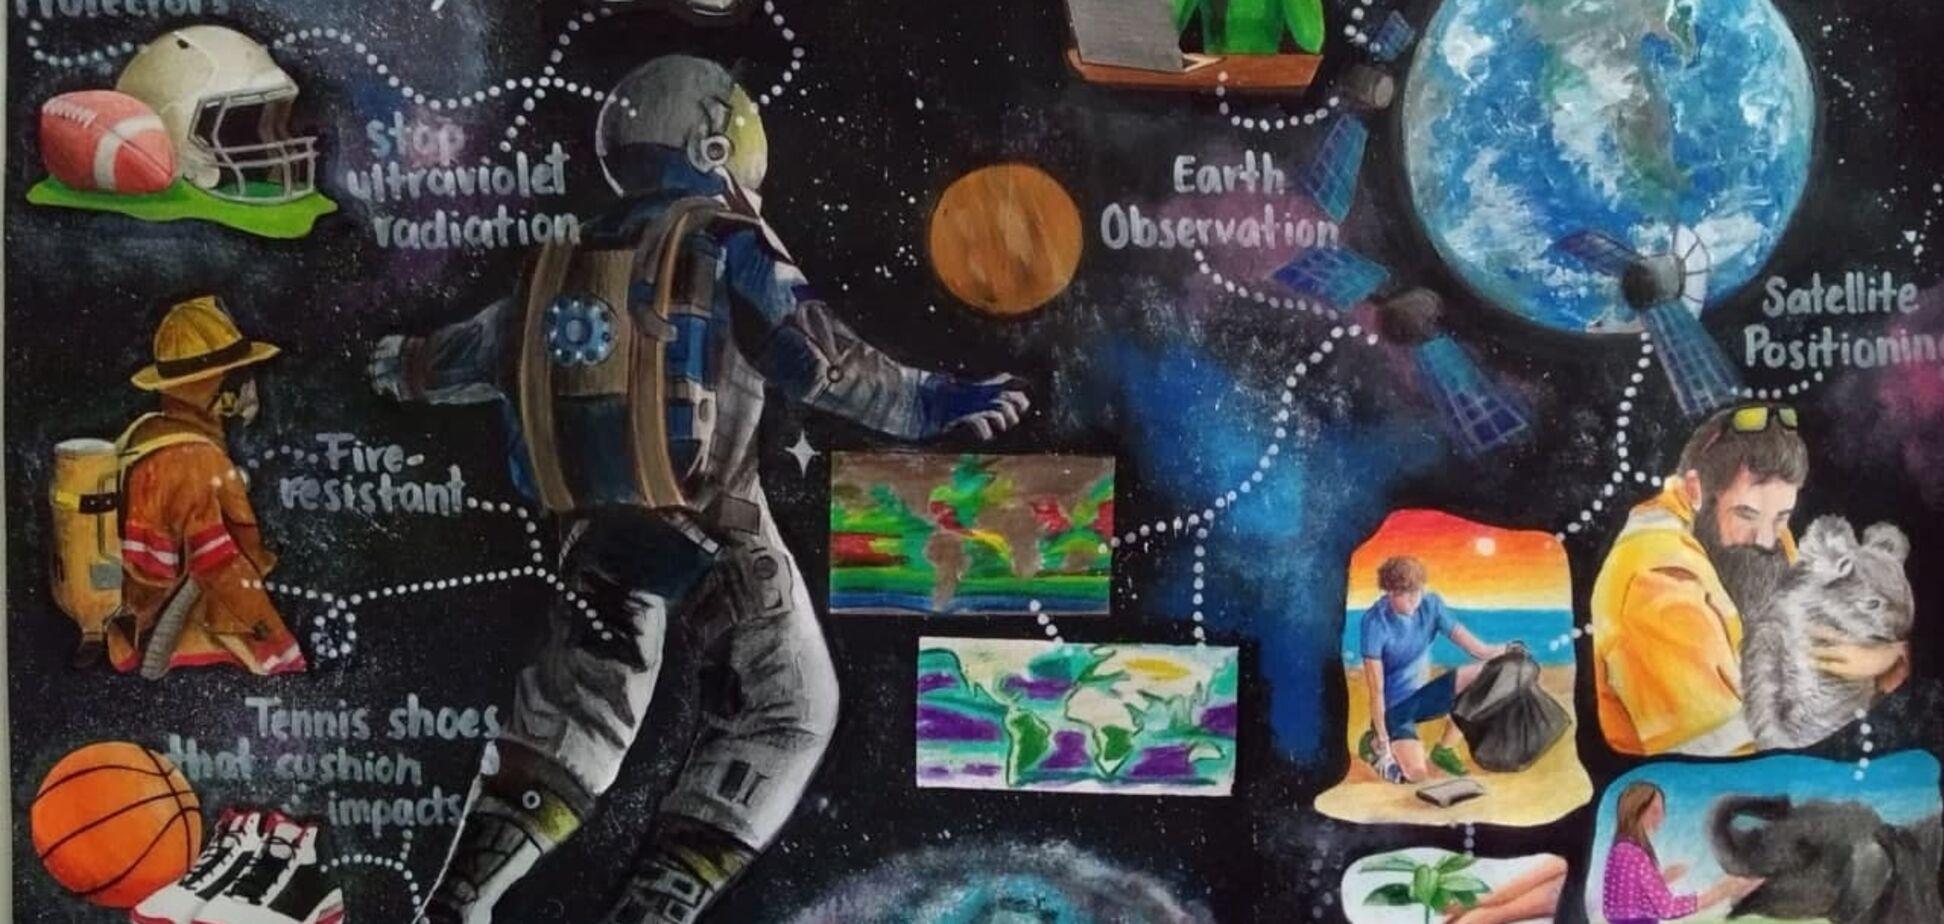 Конкурсная работа международного художественного конкурса от Space Foundation